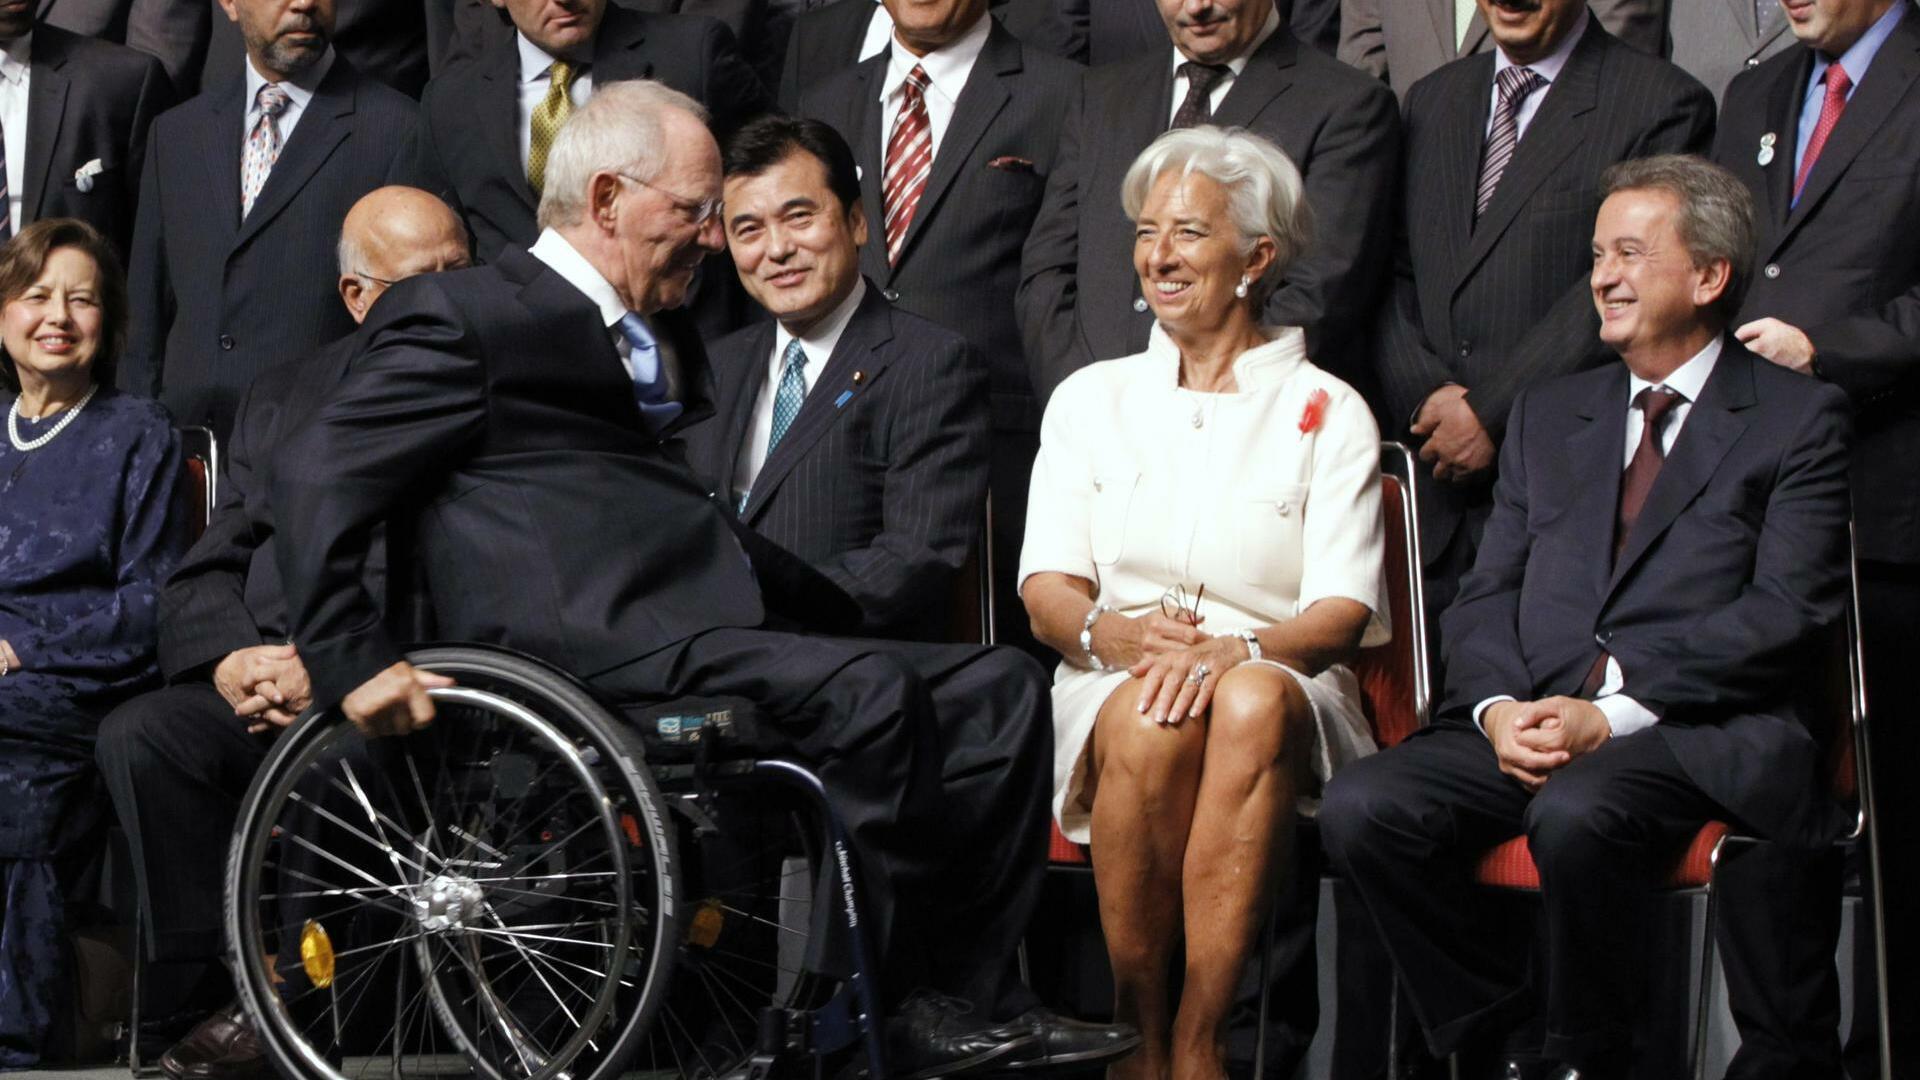 """Politiker in Widersprüchen: """"Gestreut, erfunden, konstruiert"""""""